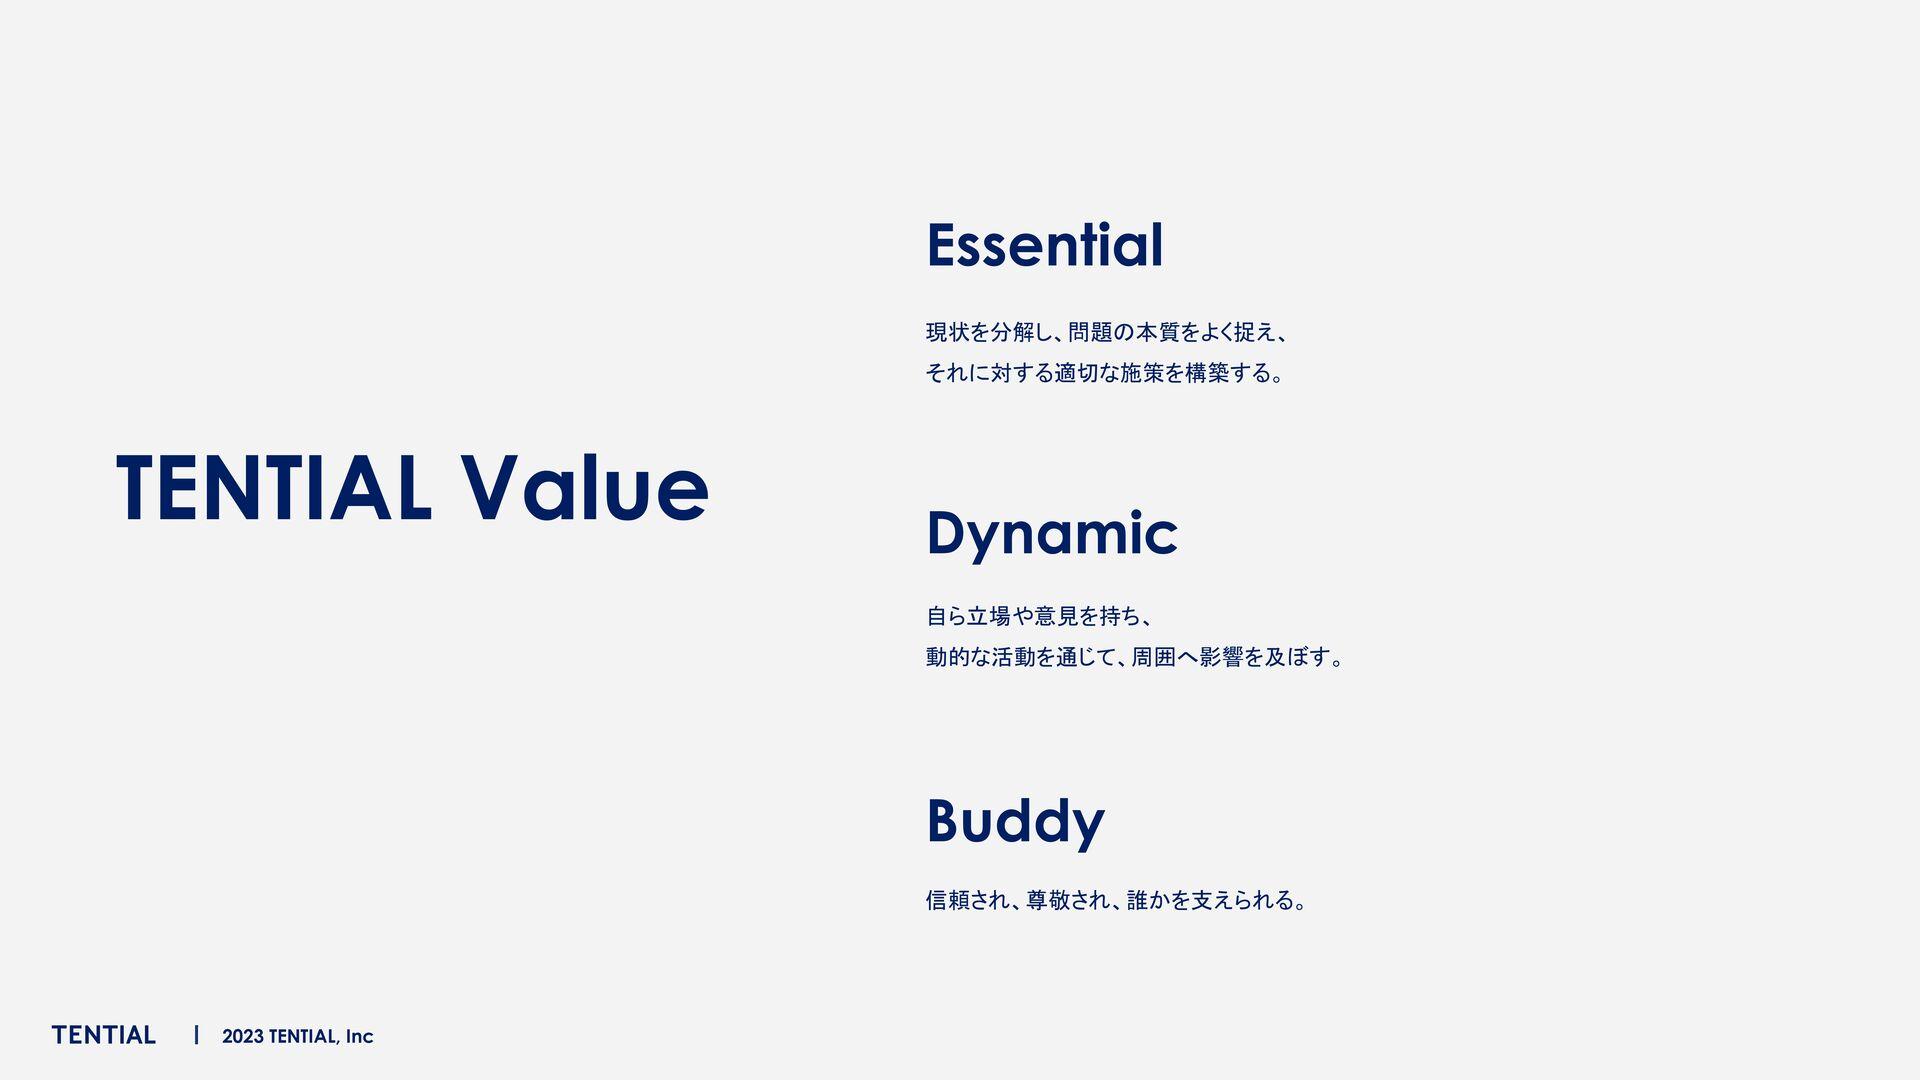 メモは全てNotionで共有 キャッシュフロー・売上分析など 経営レベルの資料も全社員に公開 ...